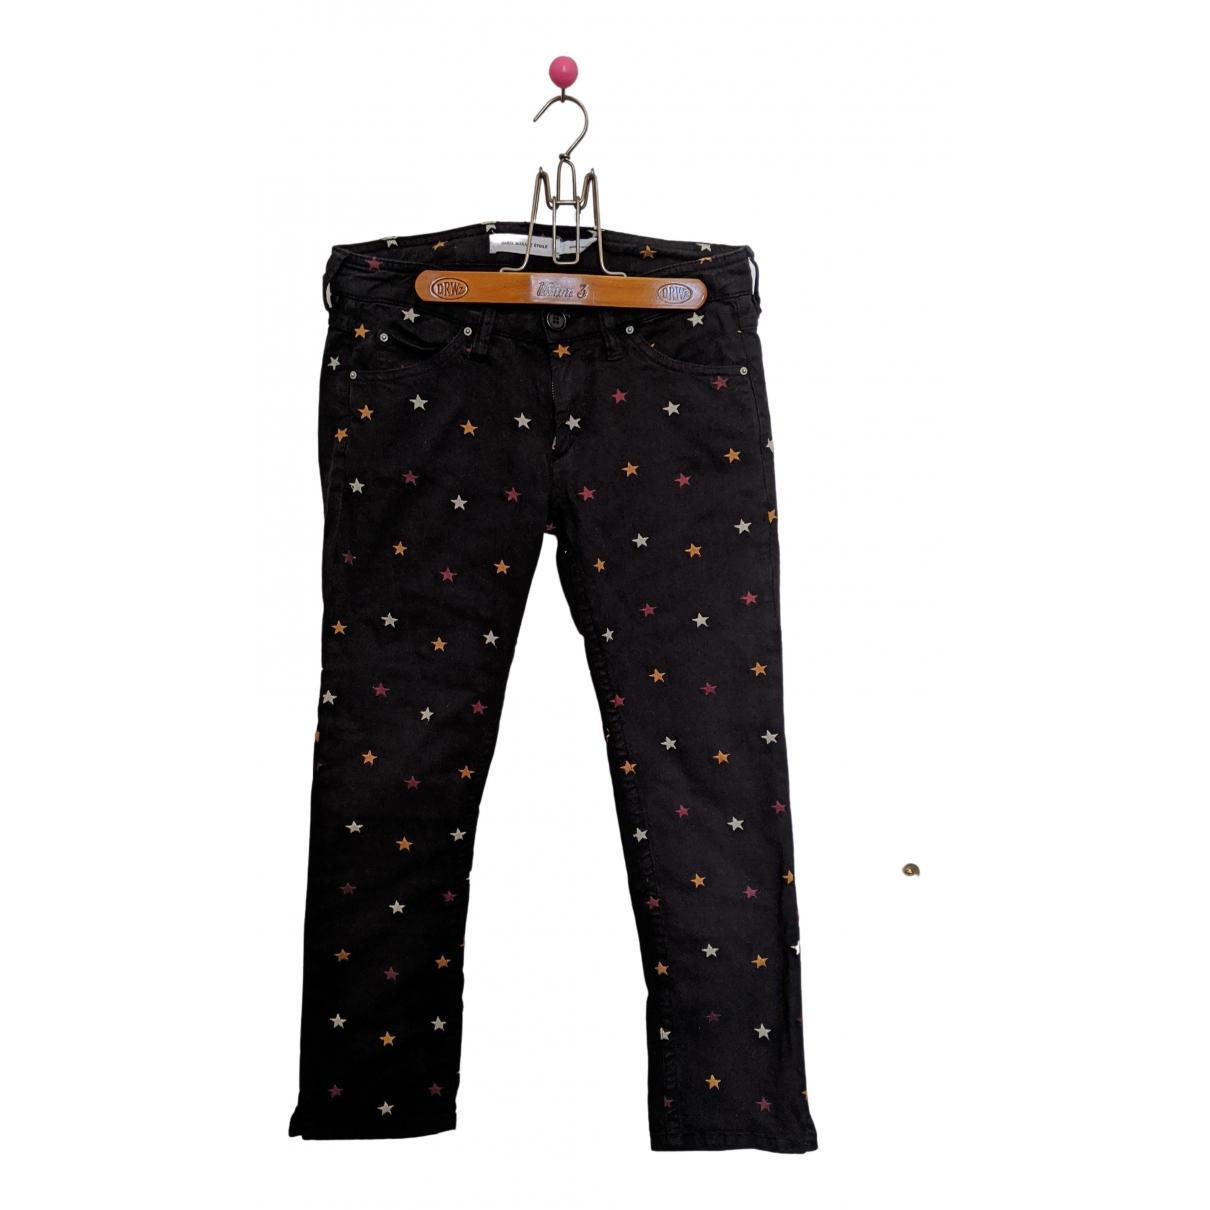 Isabel Marant Etoile \N Jeans in  Bunt Baumwolle - Elasthan